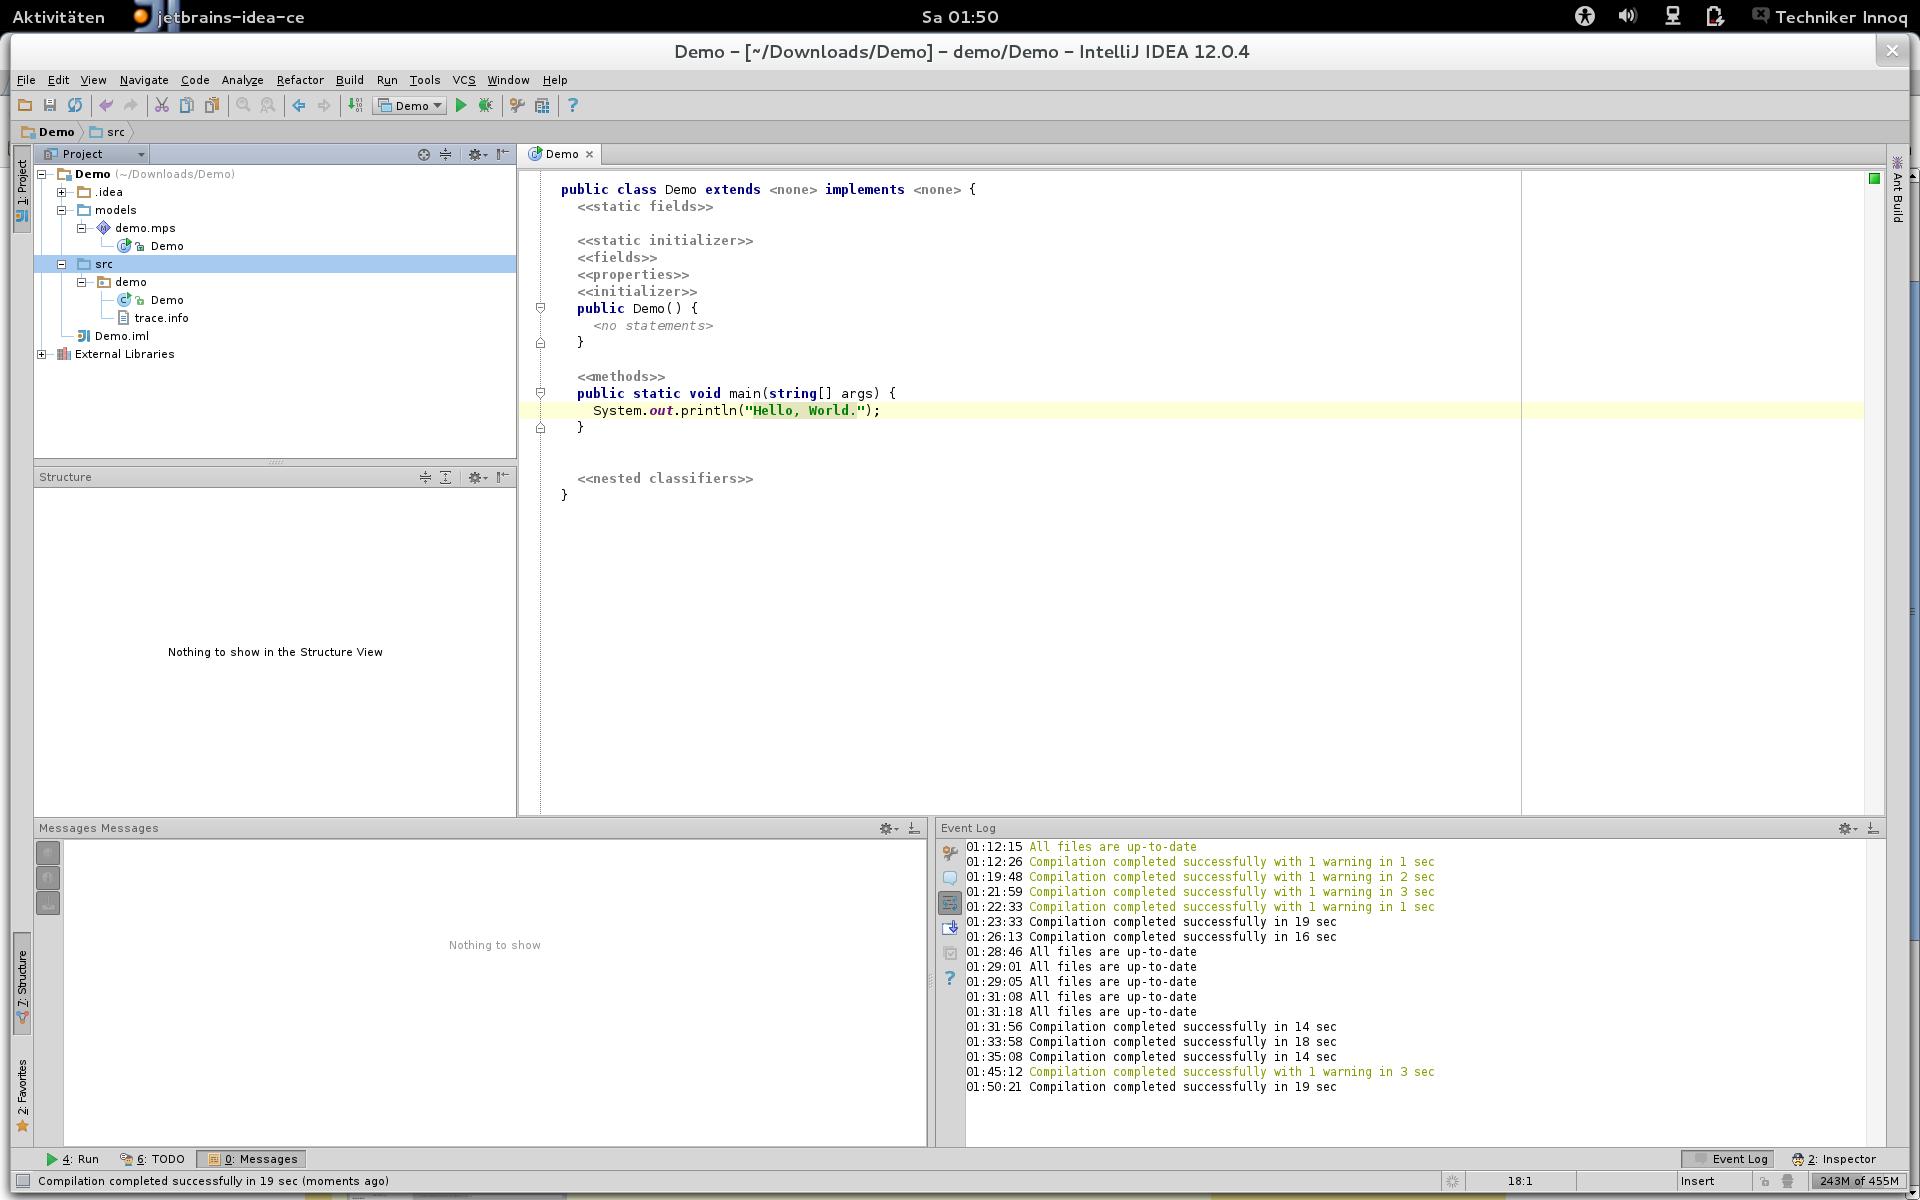 Bildschirmfoto am 2013-02-16 01:50:58.png